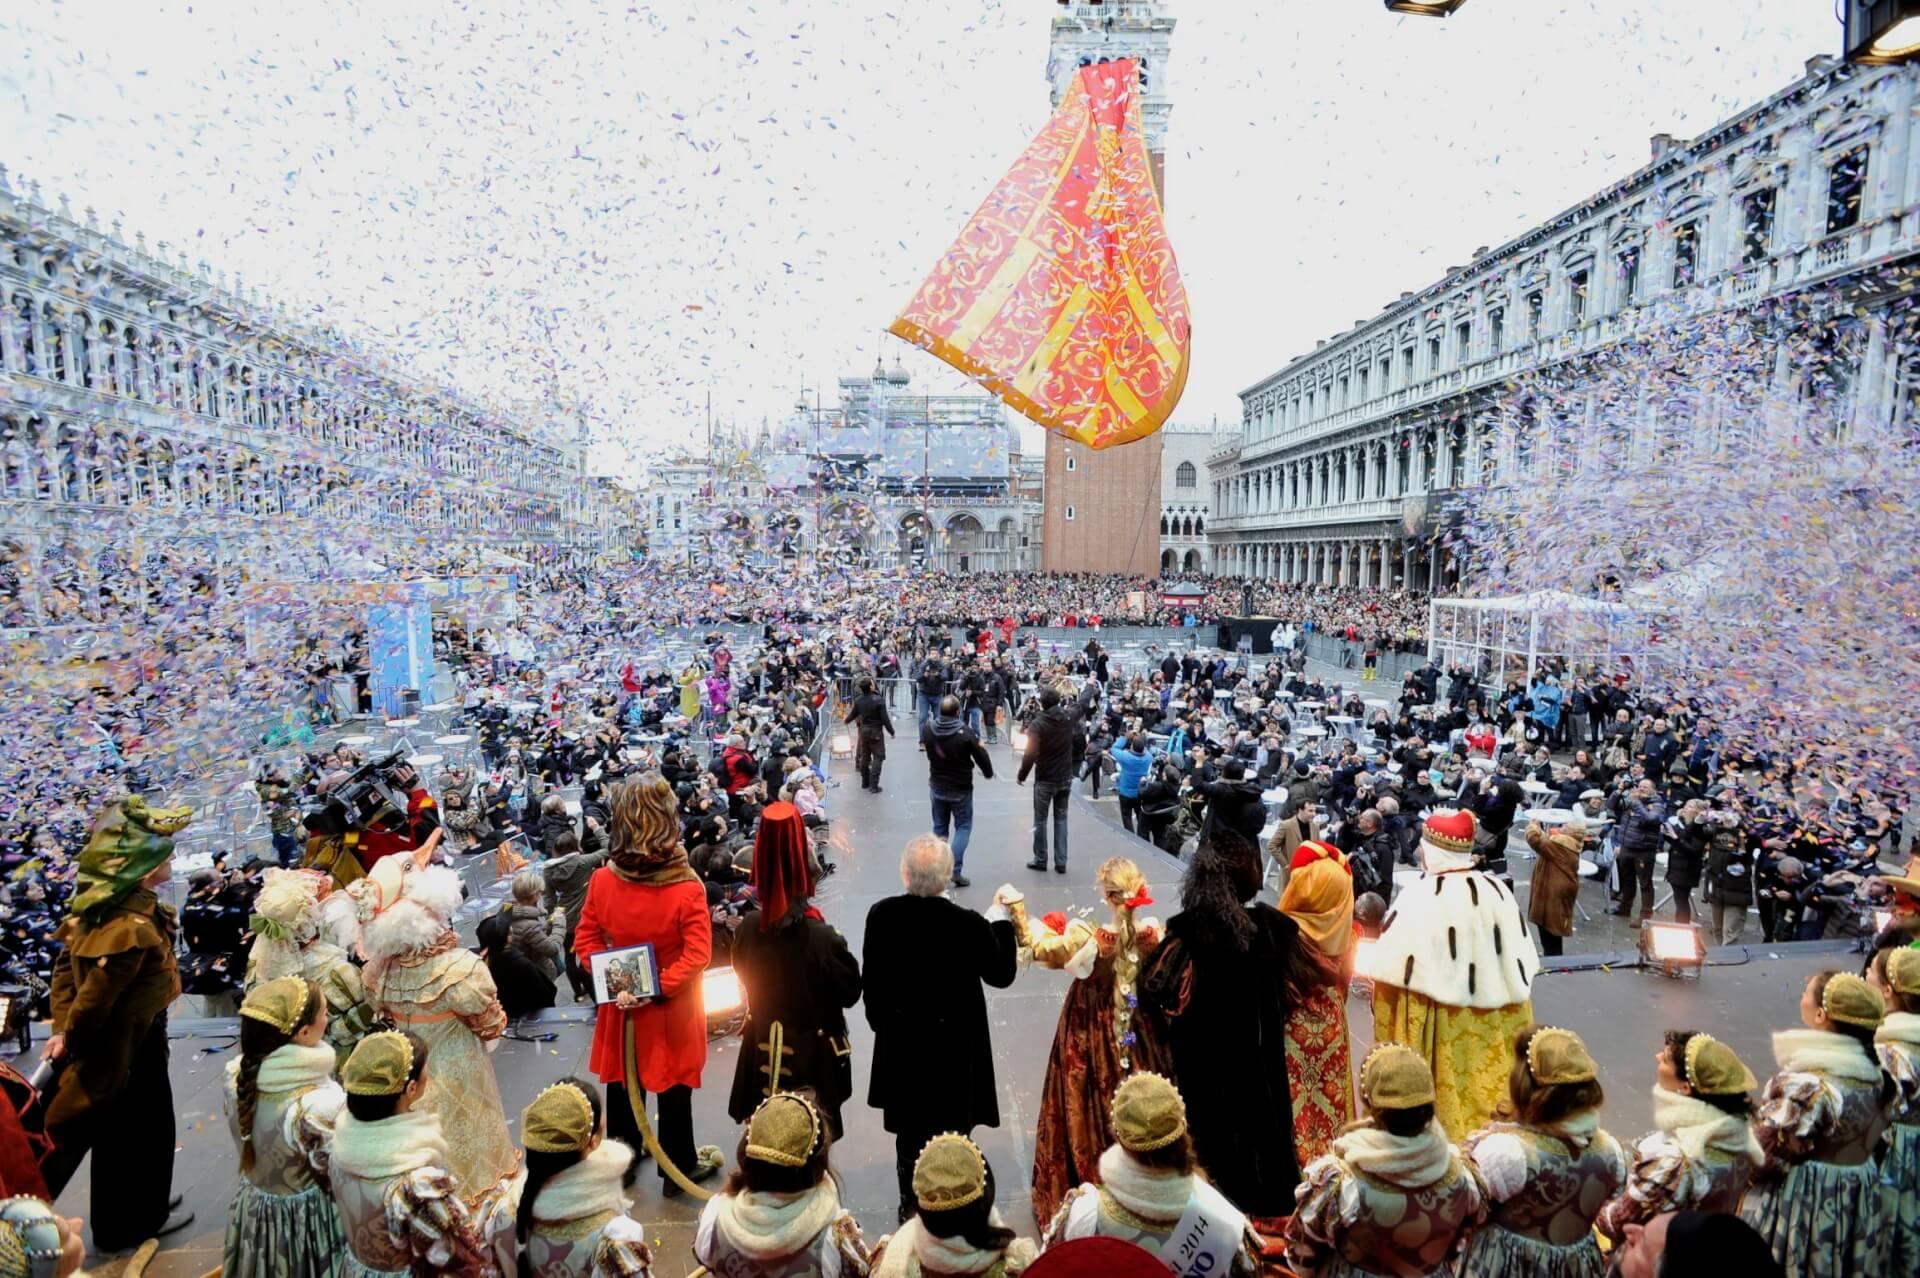 Torna il Carnevale di Venezia, il più bello e colorato del mondo